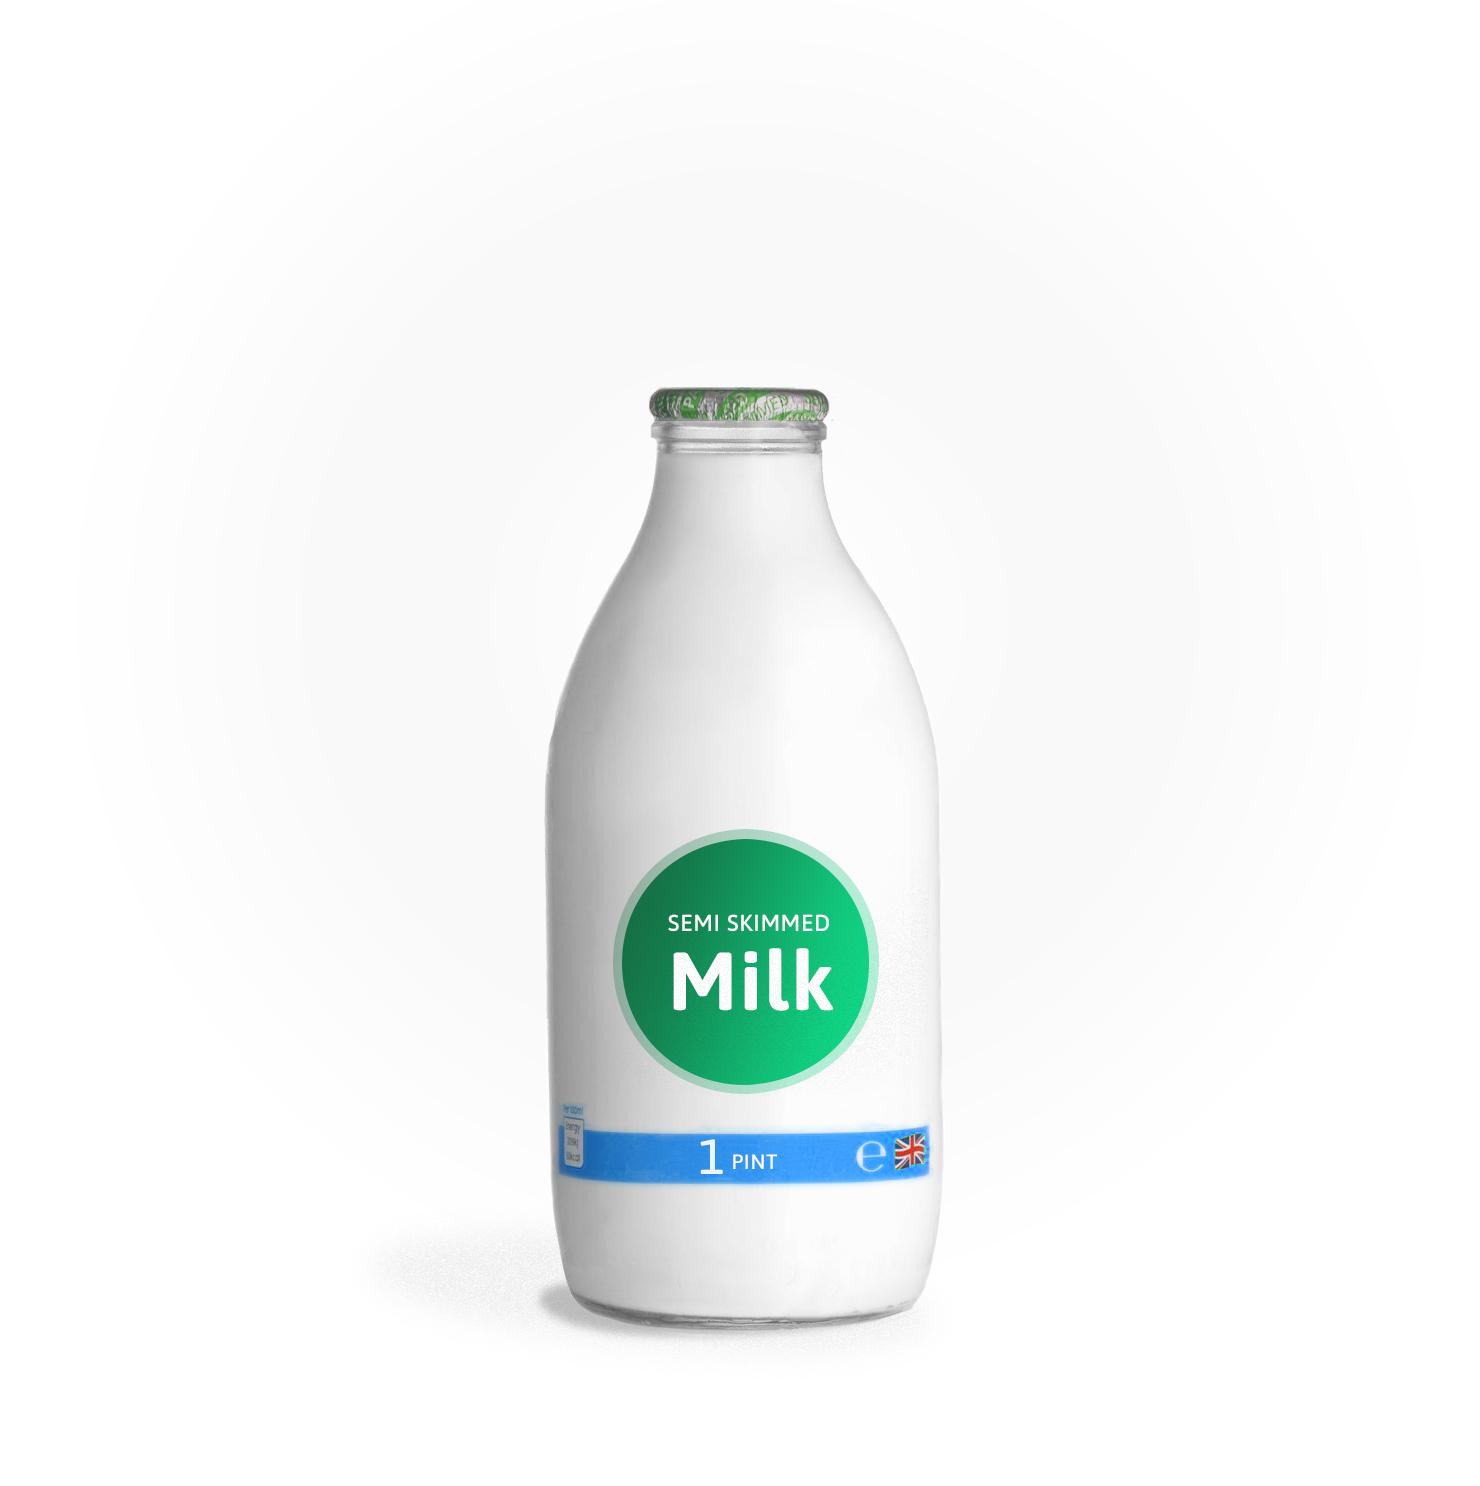 office milk glass-1pint-semi-skimmed